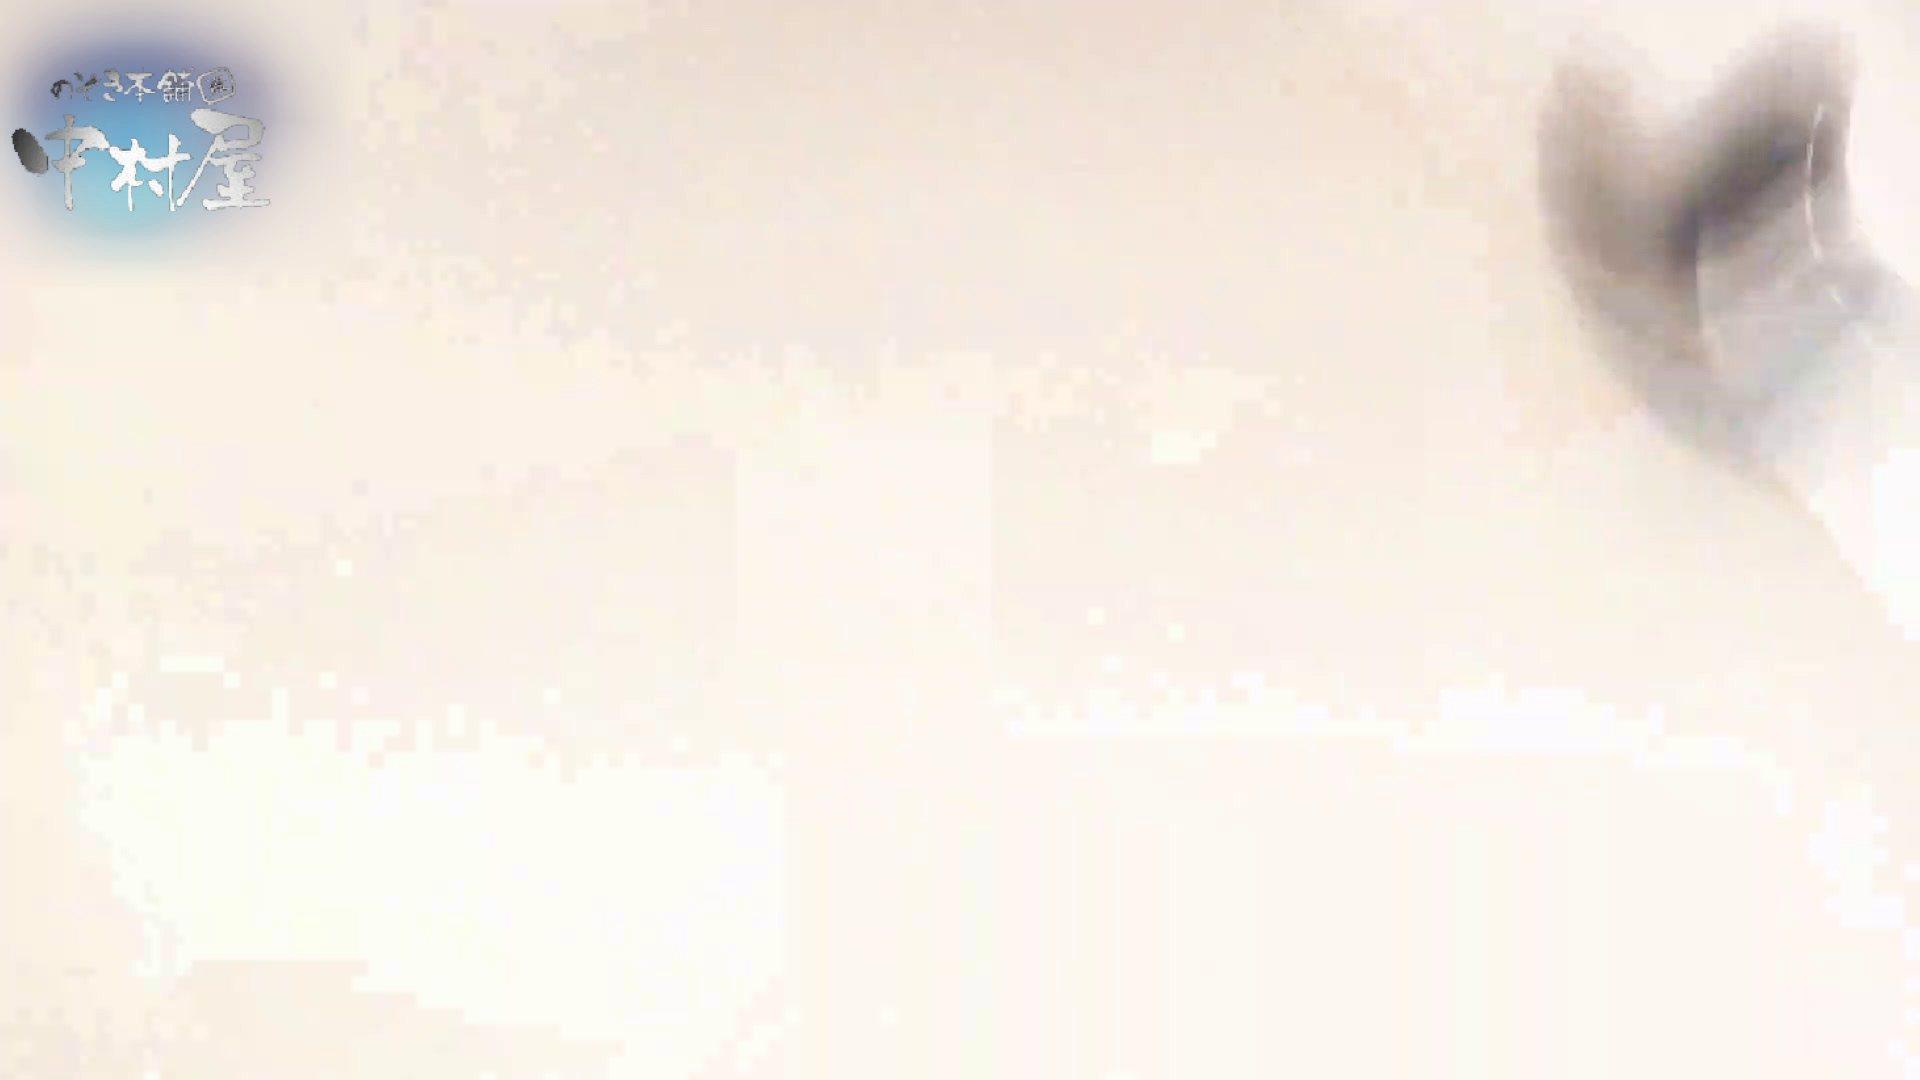 乙女集まる!ショッピングモール潜入撮vol.02 トイレ おまんこ動画流出 102PIX 33